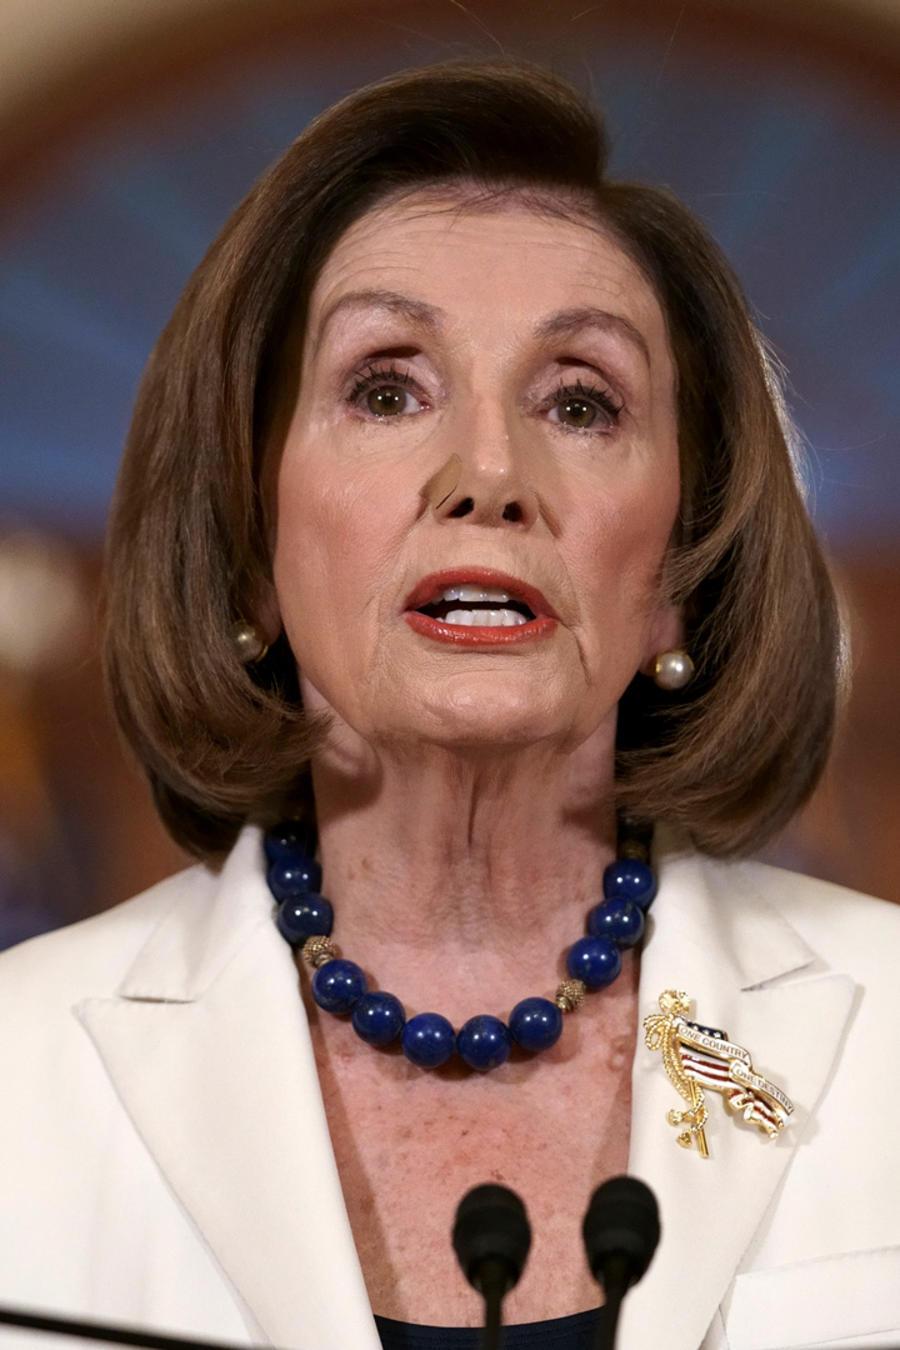 La presidenta de la Cámara de Representantes, Nancy Pelosi, hoy en el Capitolio.